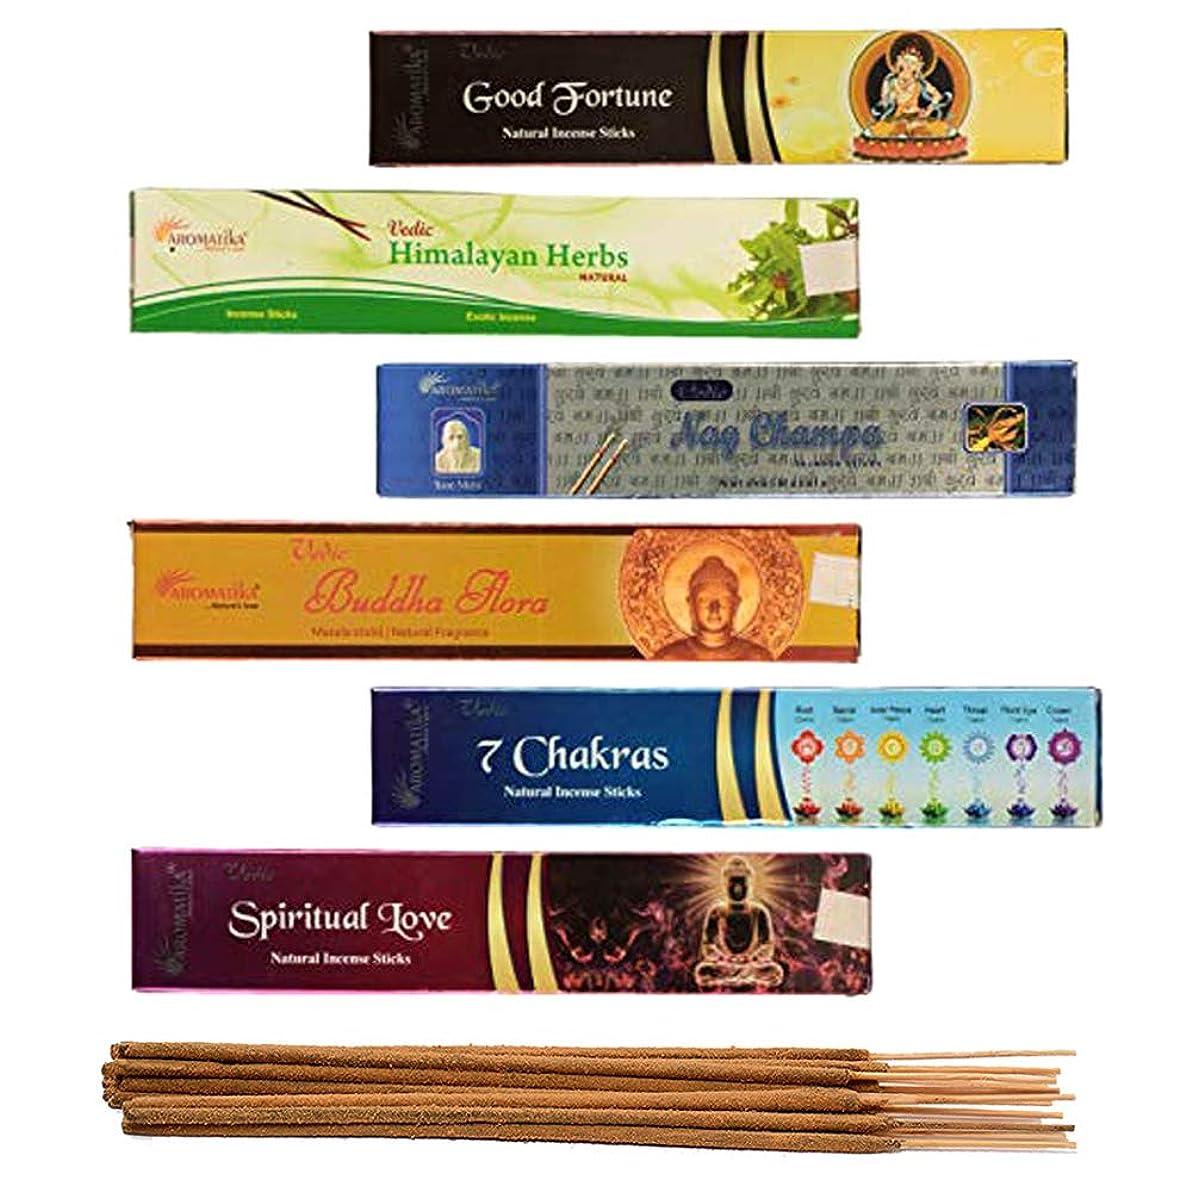 作物最終年齢aromatika 6?Assorted Masala Incense Sticks Vedic Nag Champa、7チャクラ、ブッダFlora、Himalayanハーブ、Good Fortune、Spiritual Love WithメタルSun Incense Stick Holder